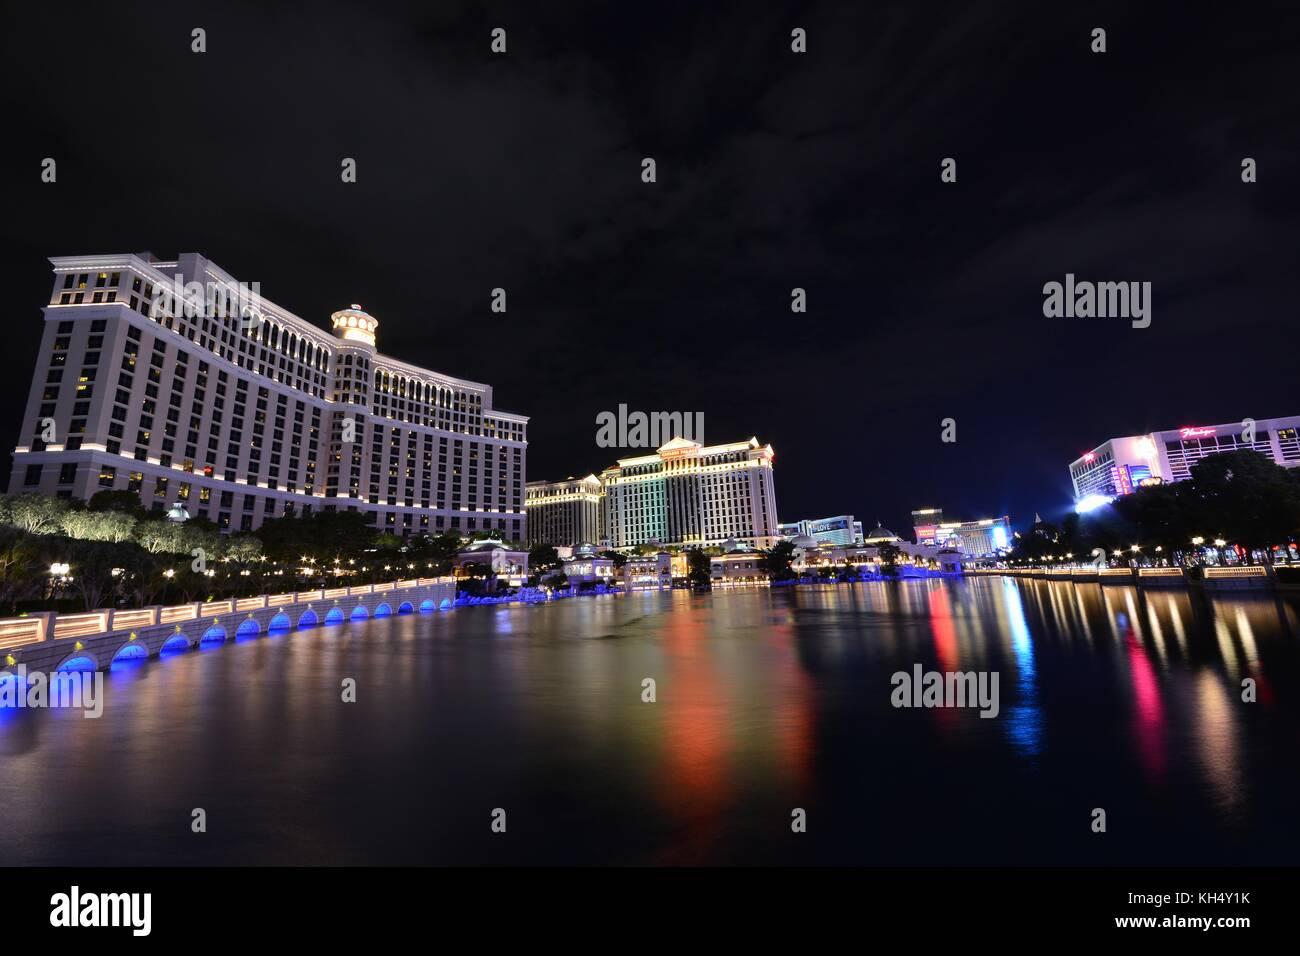 Las Vegas, Nevada - Juli 25: Bellagio Hotel und Casino am 25. Juli 2017 in Las Vegas Bellagio ist ein luxuriöses Hotel und Kasino auf dem Las Vegas. Stockfoto